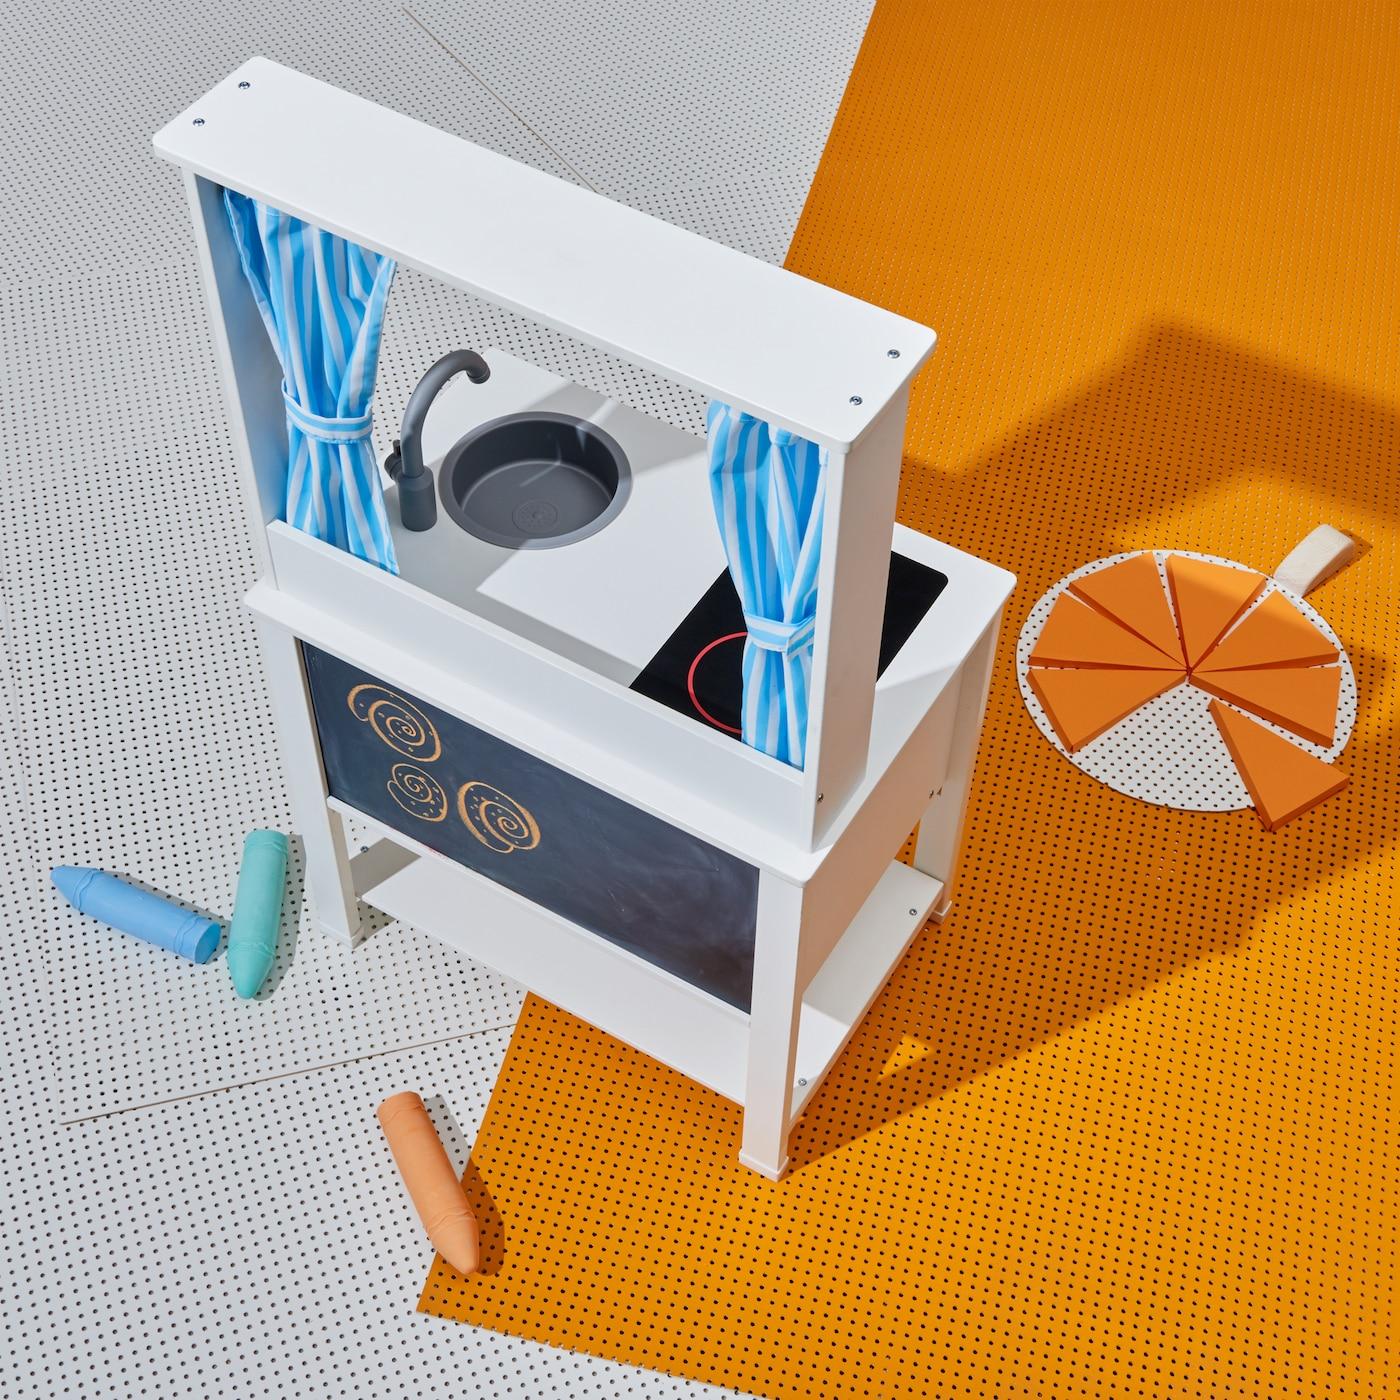 Valkoinen SPISIG leikkikeittiö, jonka toisella puolella on liitutaulu ja toisella puolella leikkikeittiö. Sinivalkoiset verhot erottavat osia.